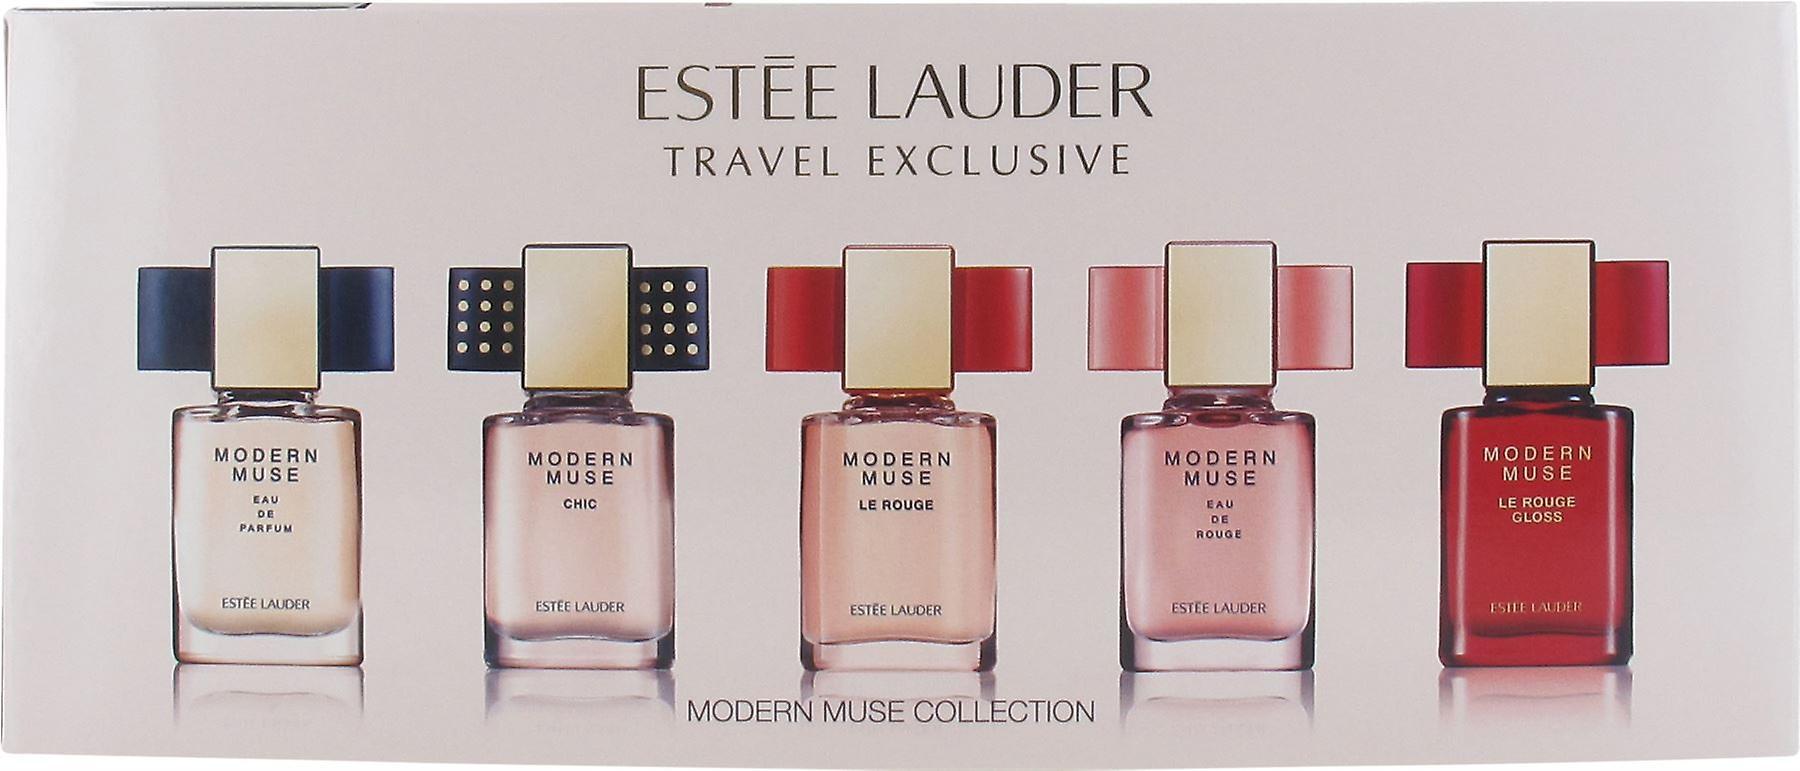 Estee Lauder Modern Muse Le Rouge 4ml Eau De Parfum Modern Muse 4ml